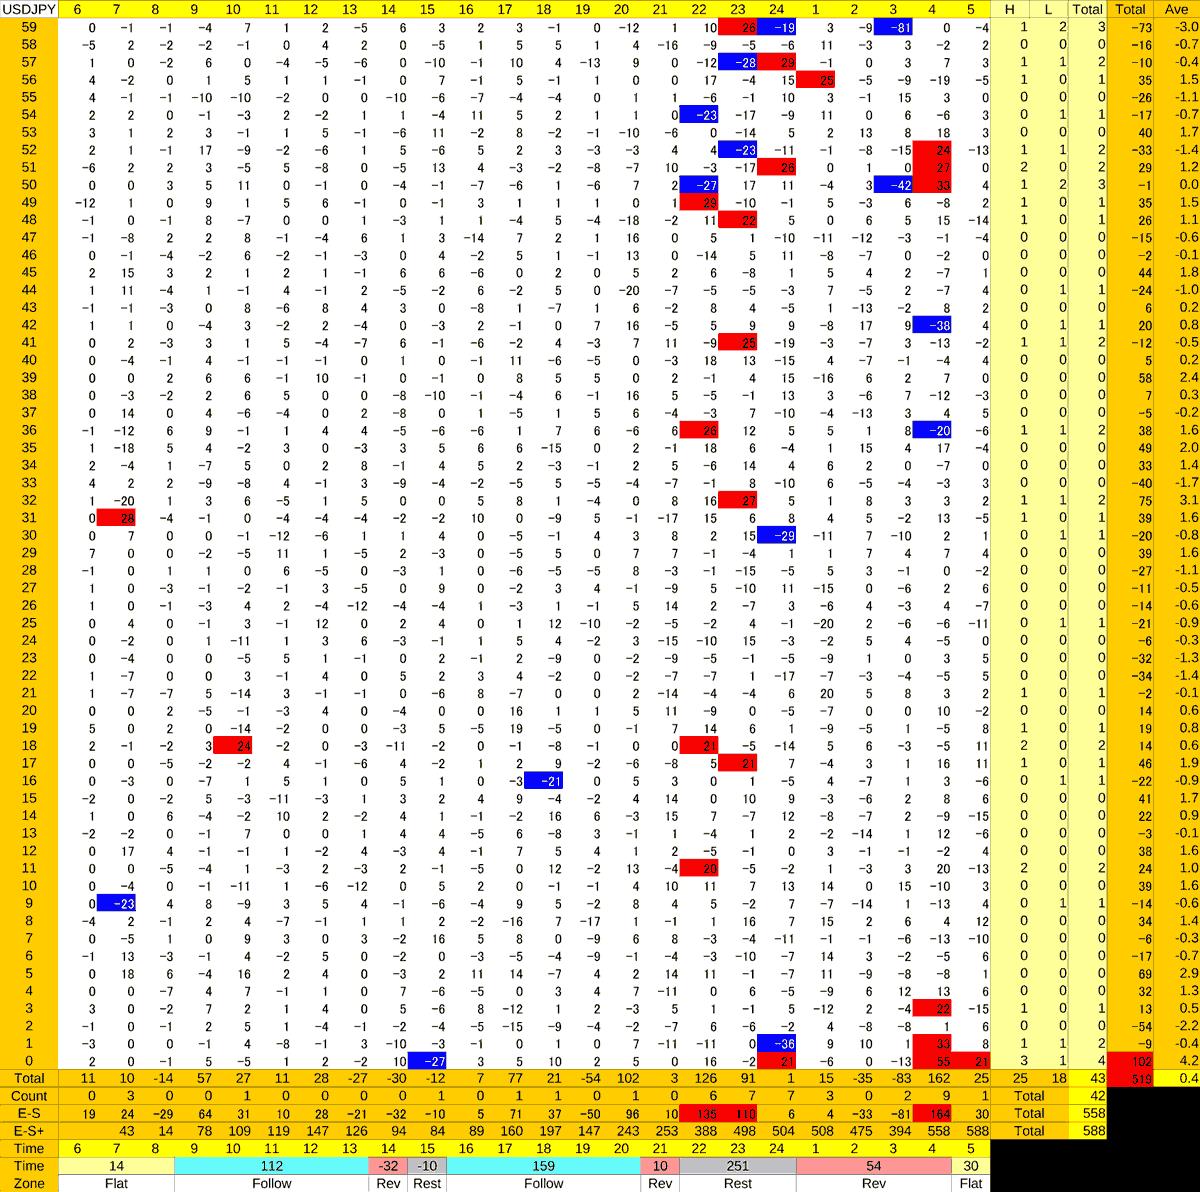 20210127_HS(1)USDJPY